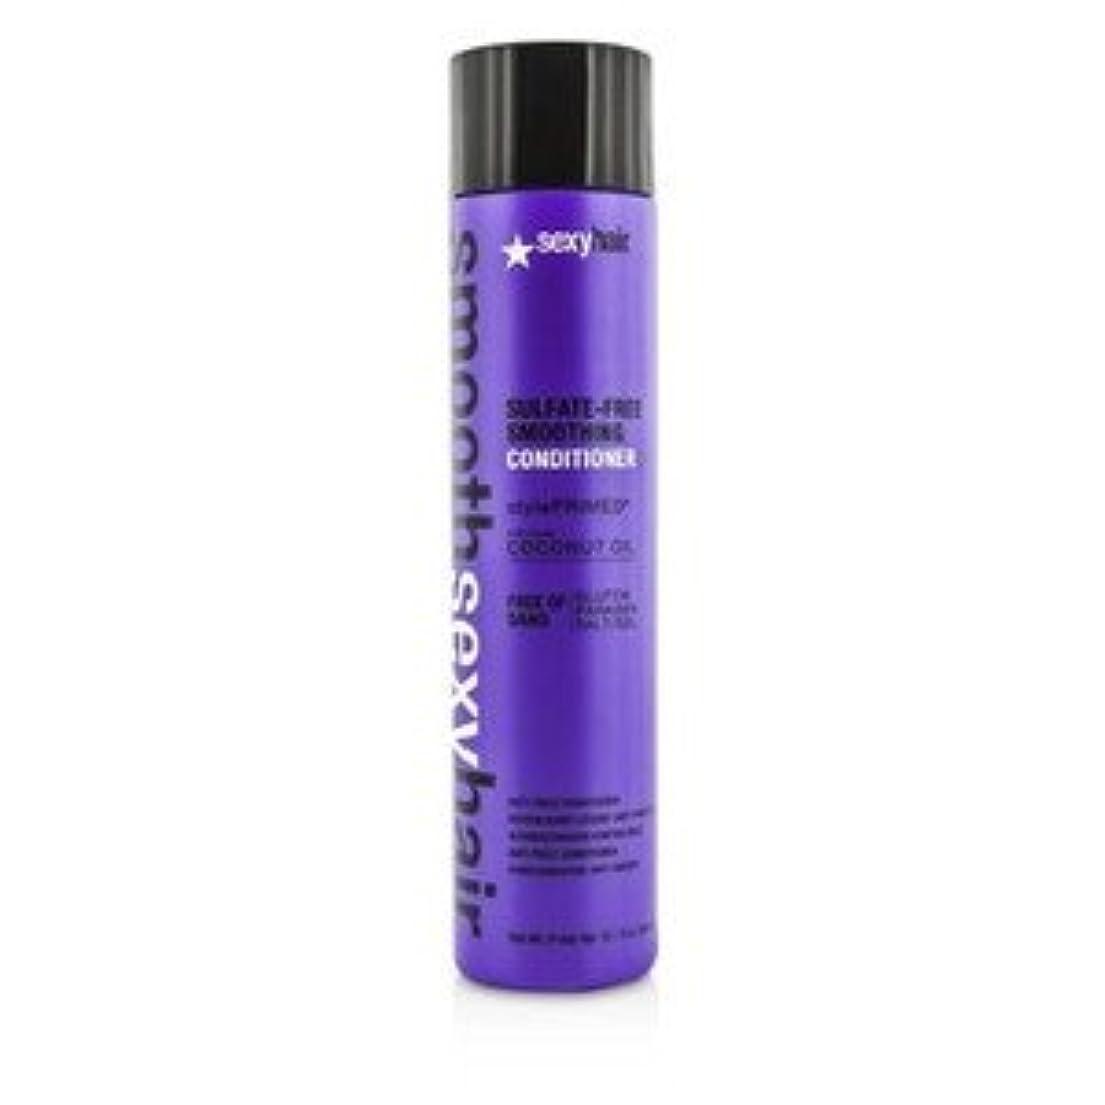 カスタム電球サービスSexy Hair スムース セクシー ヘア サルフェートフリー スムージング コンディショナー(Anti-Frizz) 300ml/10.1oz [並行輸入品]